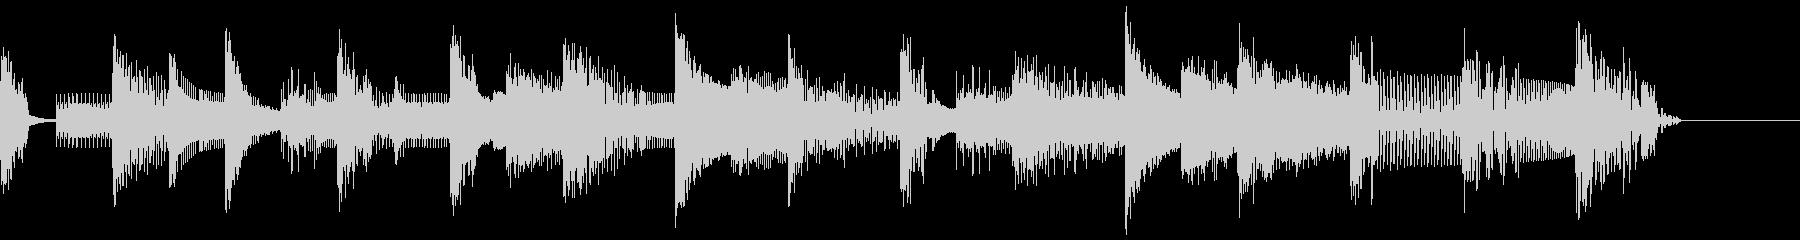 ピコピコゲーム音のジングルの未再生の波形